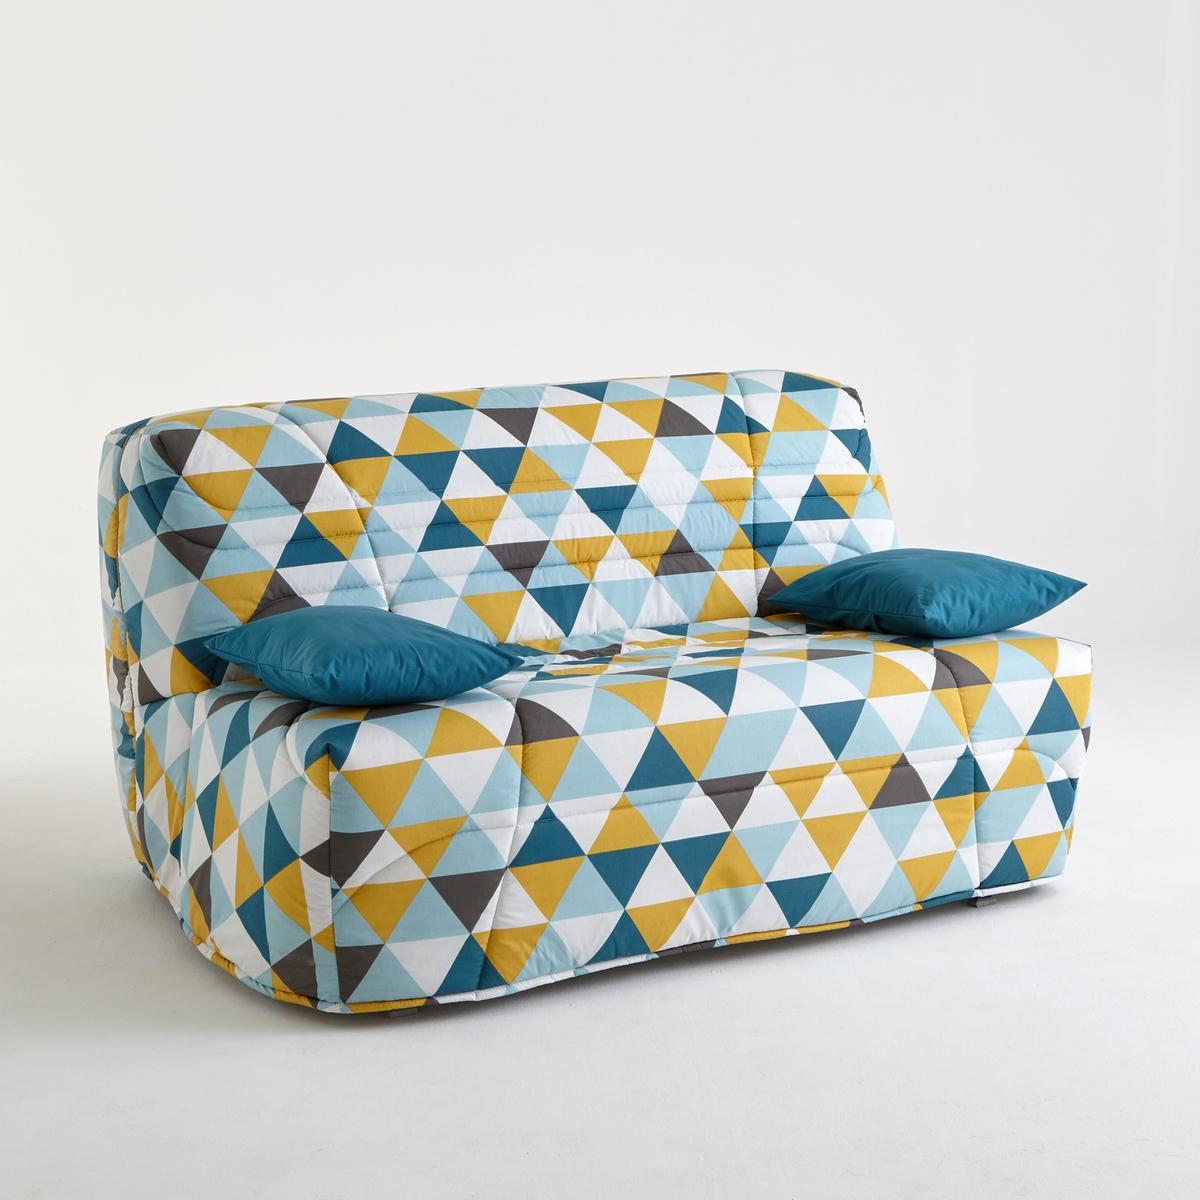 Чехол для дивана-книжкиЧехол для дивана-книжки, усовершенствованная модель : Для дивана-книжки, чехол позволит продлить срок службы вашего дивана-книжки !Для серо-коричневого цвета Размеры : 90 x 190 см.Сделано в Европе.Описание :- Стеганый чехол с наполнителем из полиэстера (250 г/м?)Застежка на молнию- Поставляется в комплекте с 2 чехлами на подушку-валик (кроме модели 90 см)Обивка :- Однотонная расцветка : 100% хлопок, пропитка от пятен (250 г/м?)- Расцветка с рисунком : 50% хлопка, 50% полиэстера- Меланжевая расцветка : 100% полиэстер- Предоставляем бесплатные образцы материала : Введите Образцы дивана-книжки в поисковой системе на сайте laredoute.ruОткройте для себя другие модели коллекции BZ на сайте laredoute.ruРазмеры :3 варианта ширины :Ширина : 90 смШирина : 140 смШирина : 160 смРазмер подушки-валика : Ш.50 x В.40 x Г.12 см<br><br>Цвет: рисунок здания нью-йорка,рисунок из треугольников<br>Размер: 160 x 200  см